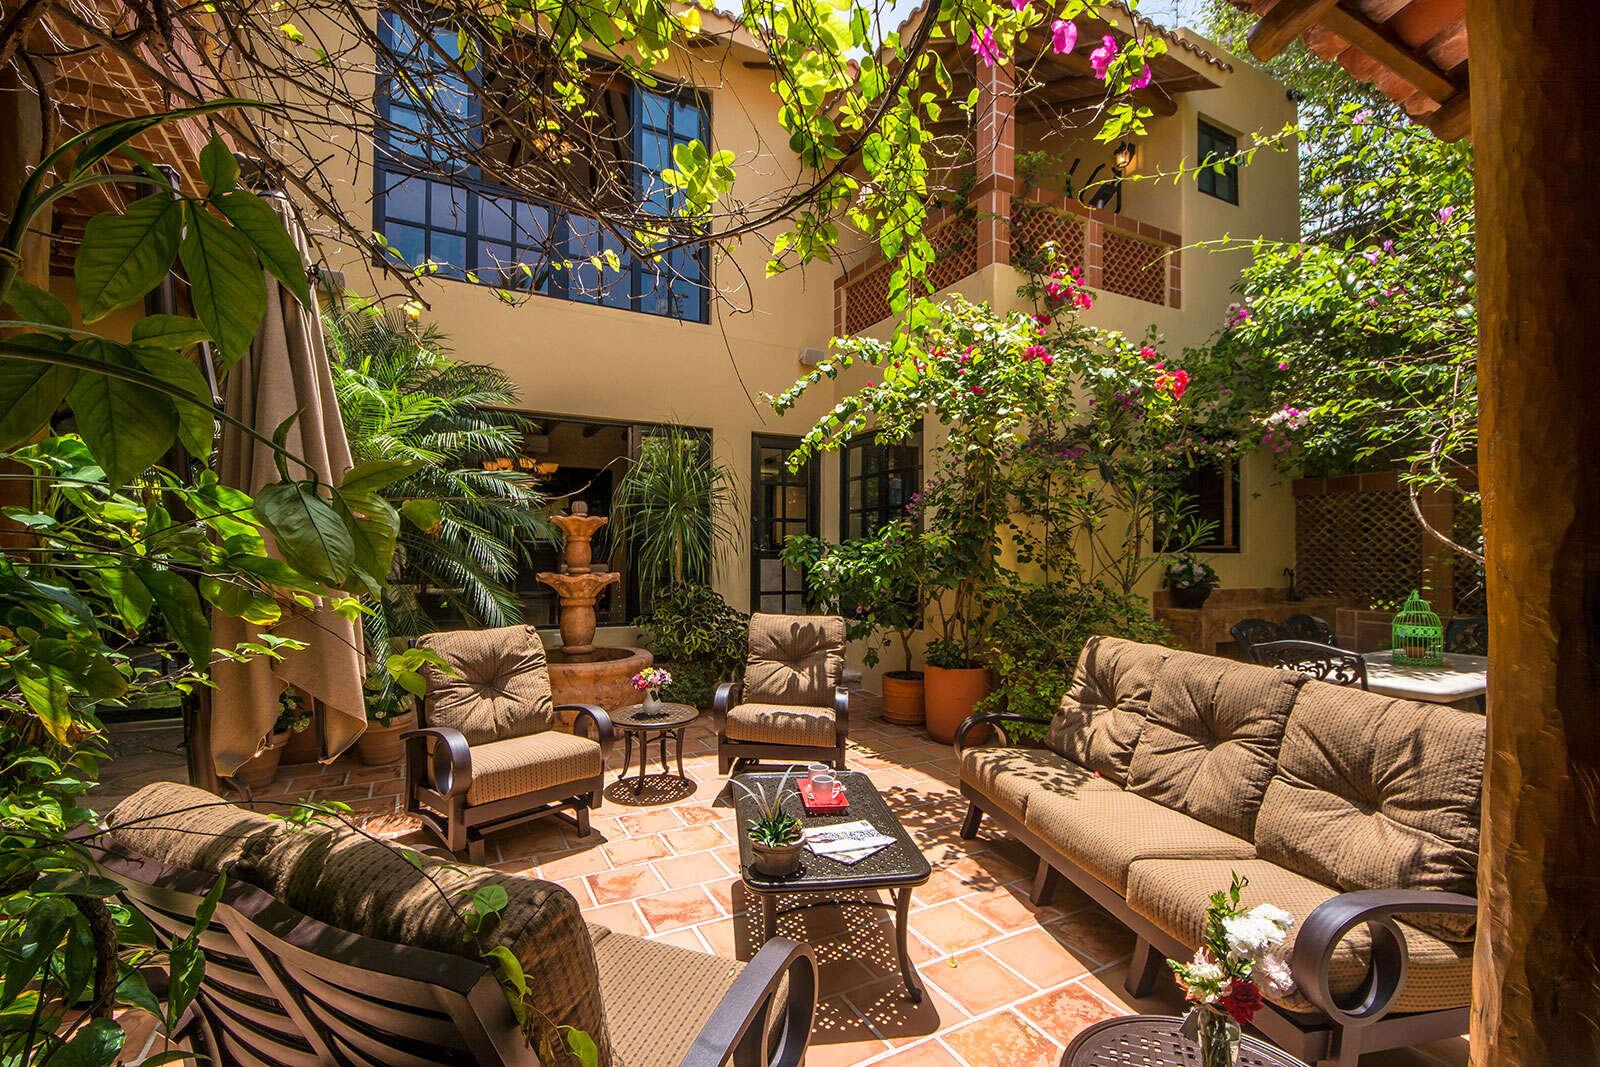 Luxury vacation rentals mexico - Riviera maya - Playa del carmen - Casa GiGi - Image 1/18